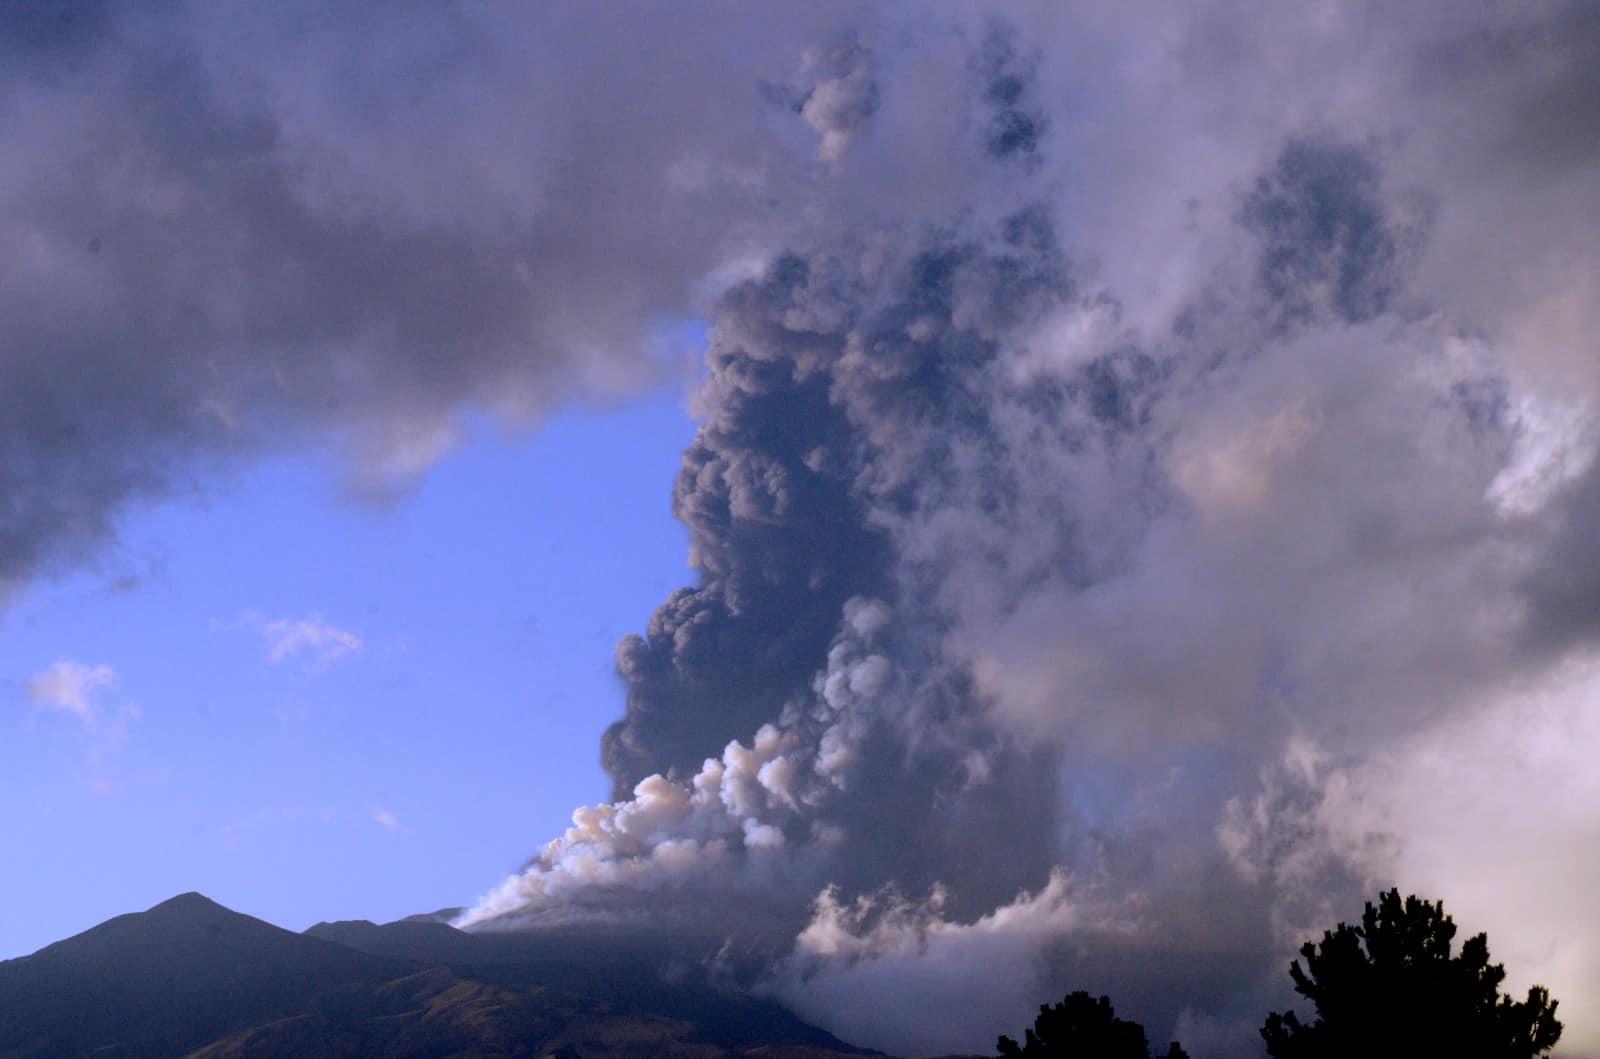 """Cessata l'eruzione dell'Etna, 5 cm di cenere e lapilli come sassi. Musumeci: """"Inizia la conta dei danni"""""""